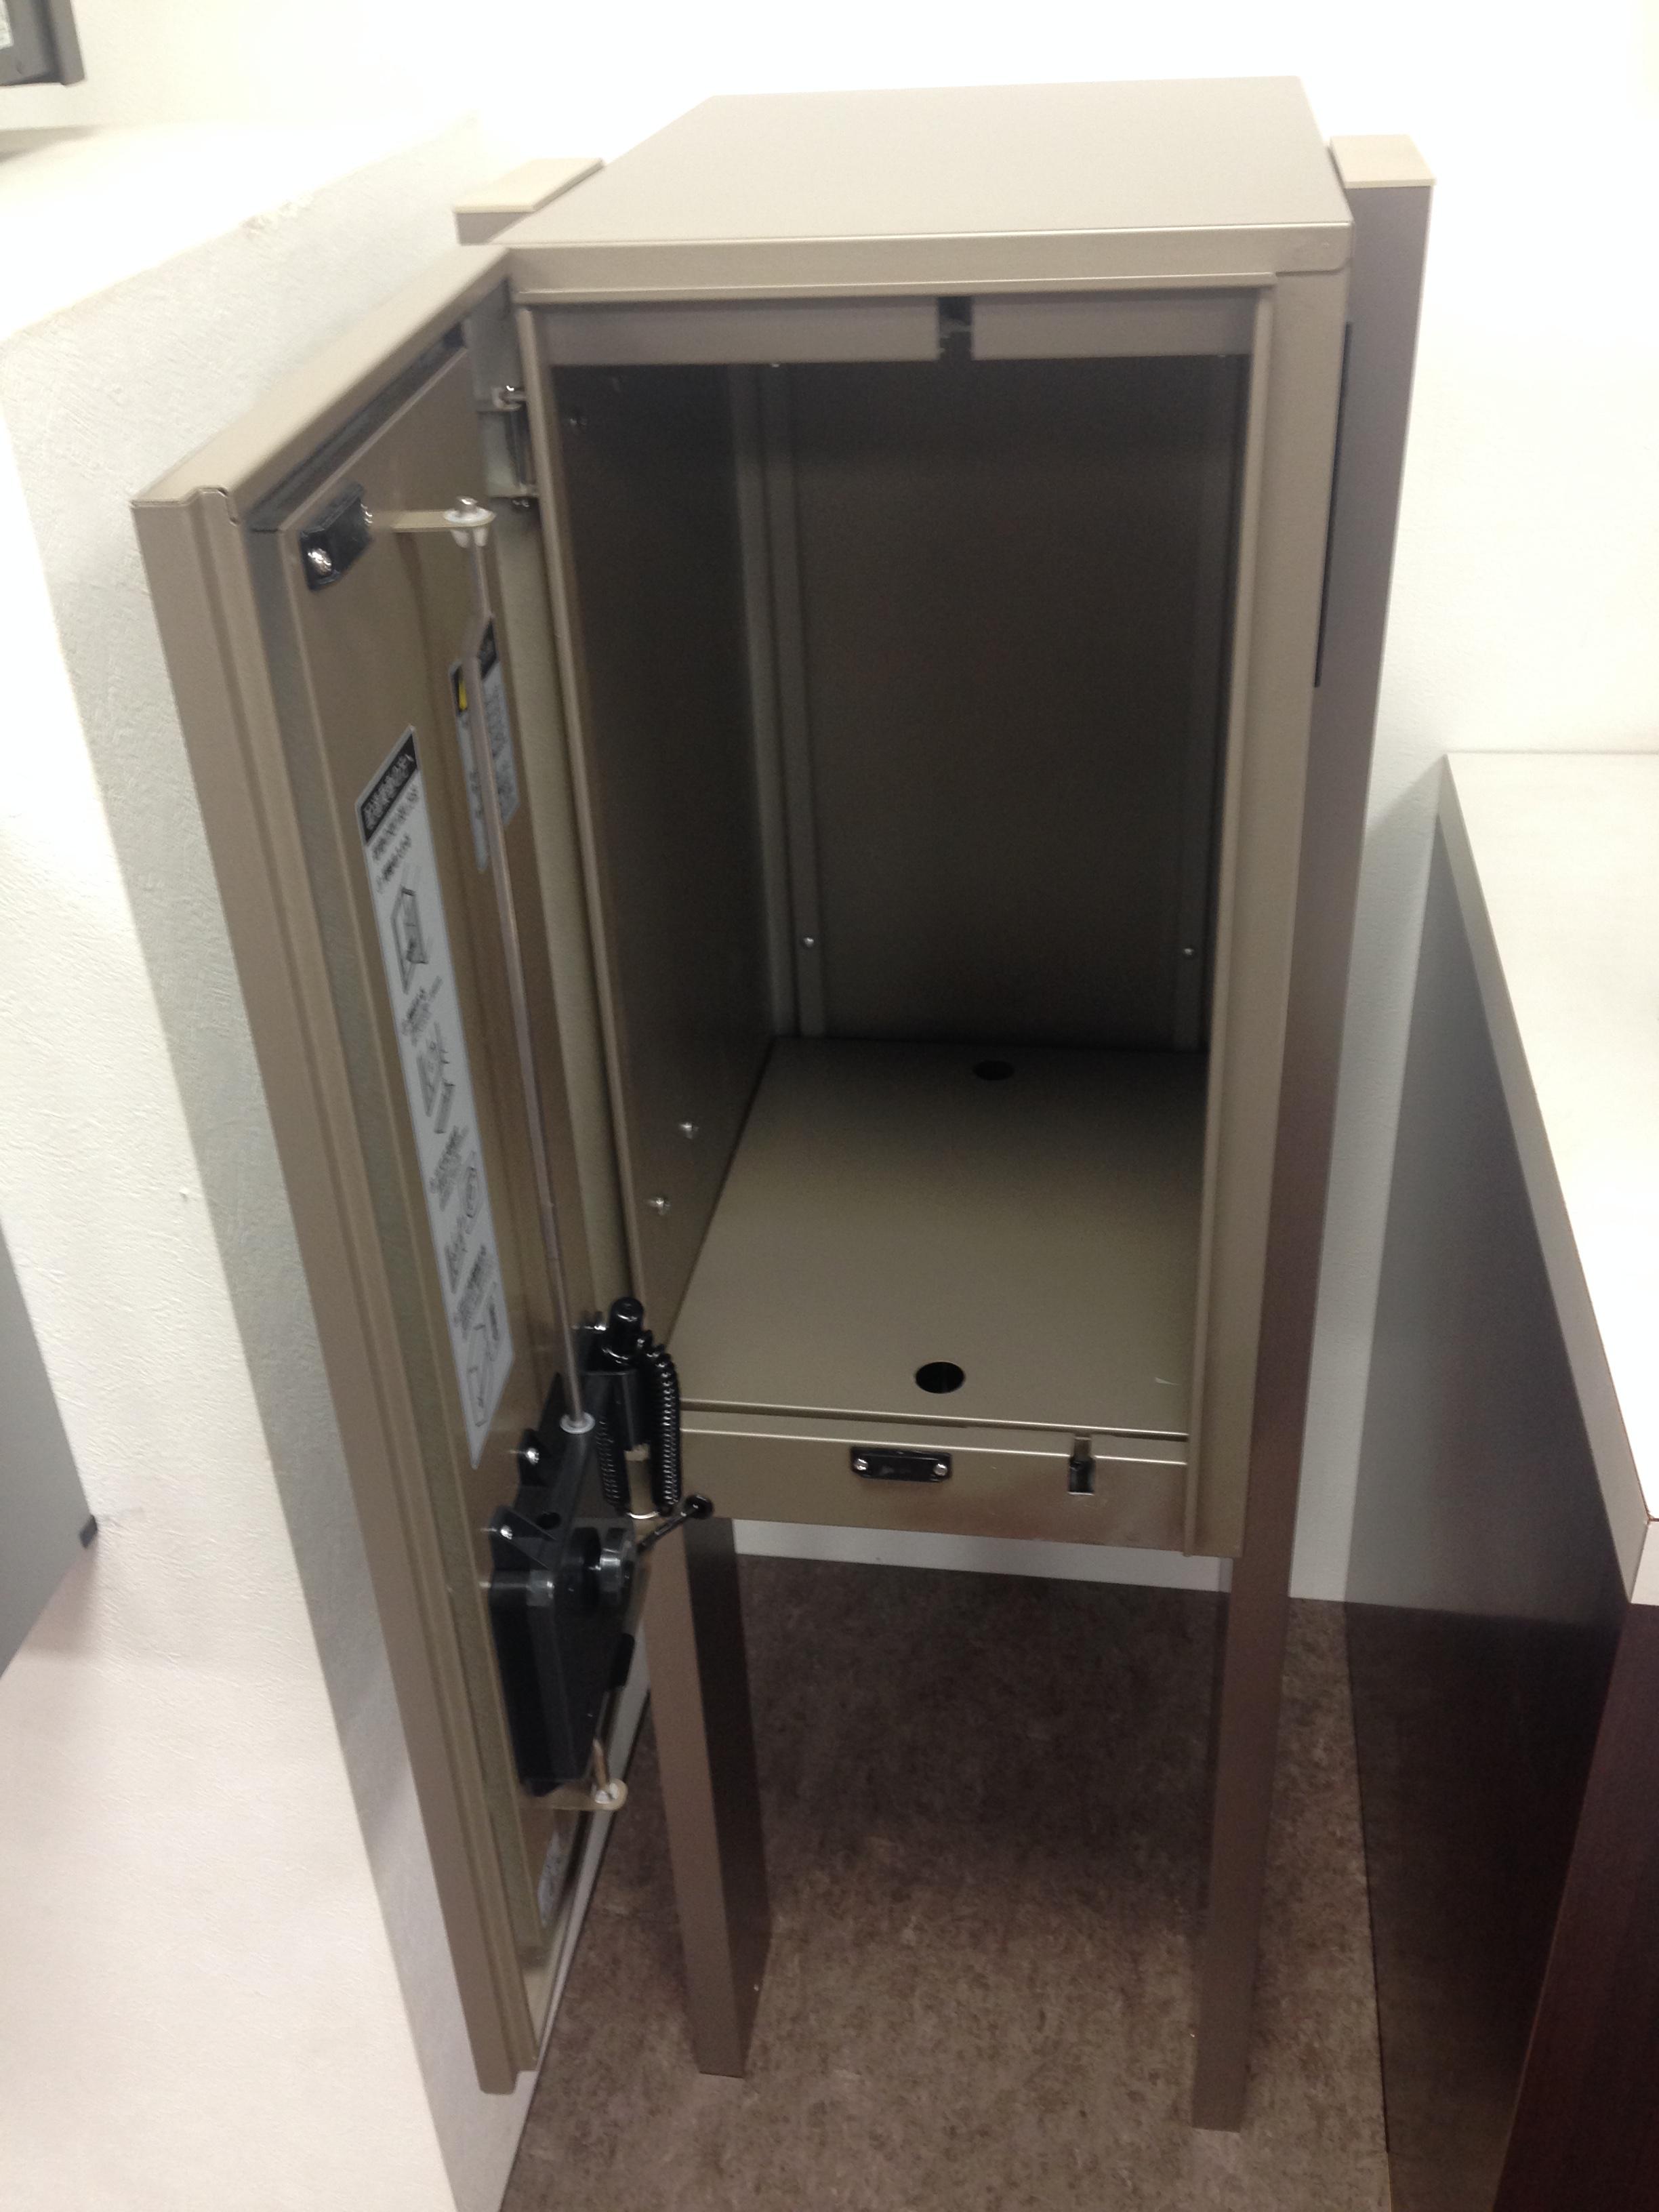 LIXIL宅配ボックス「リンクスボックス」の実物をショールームで撮影してきました。